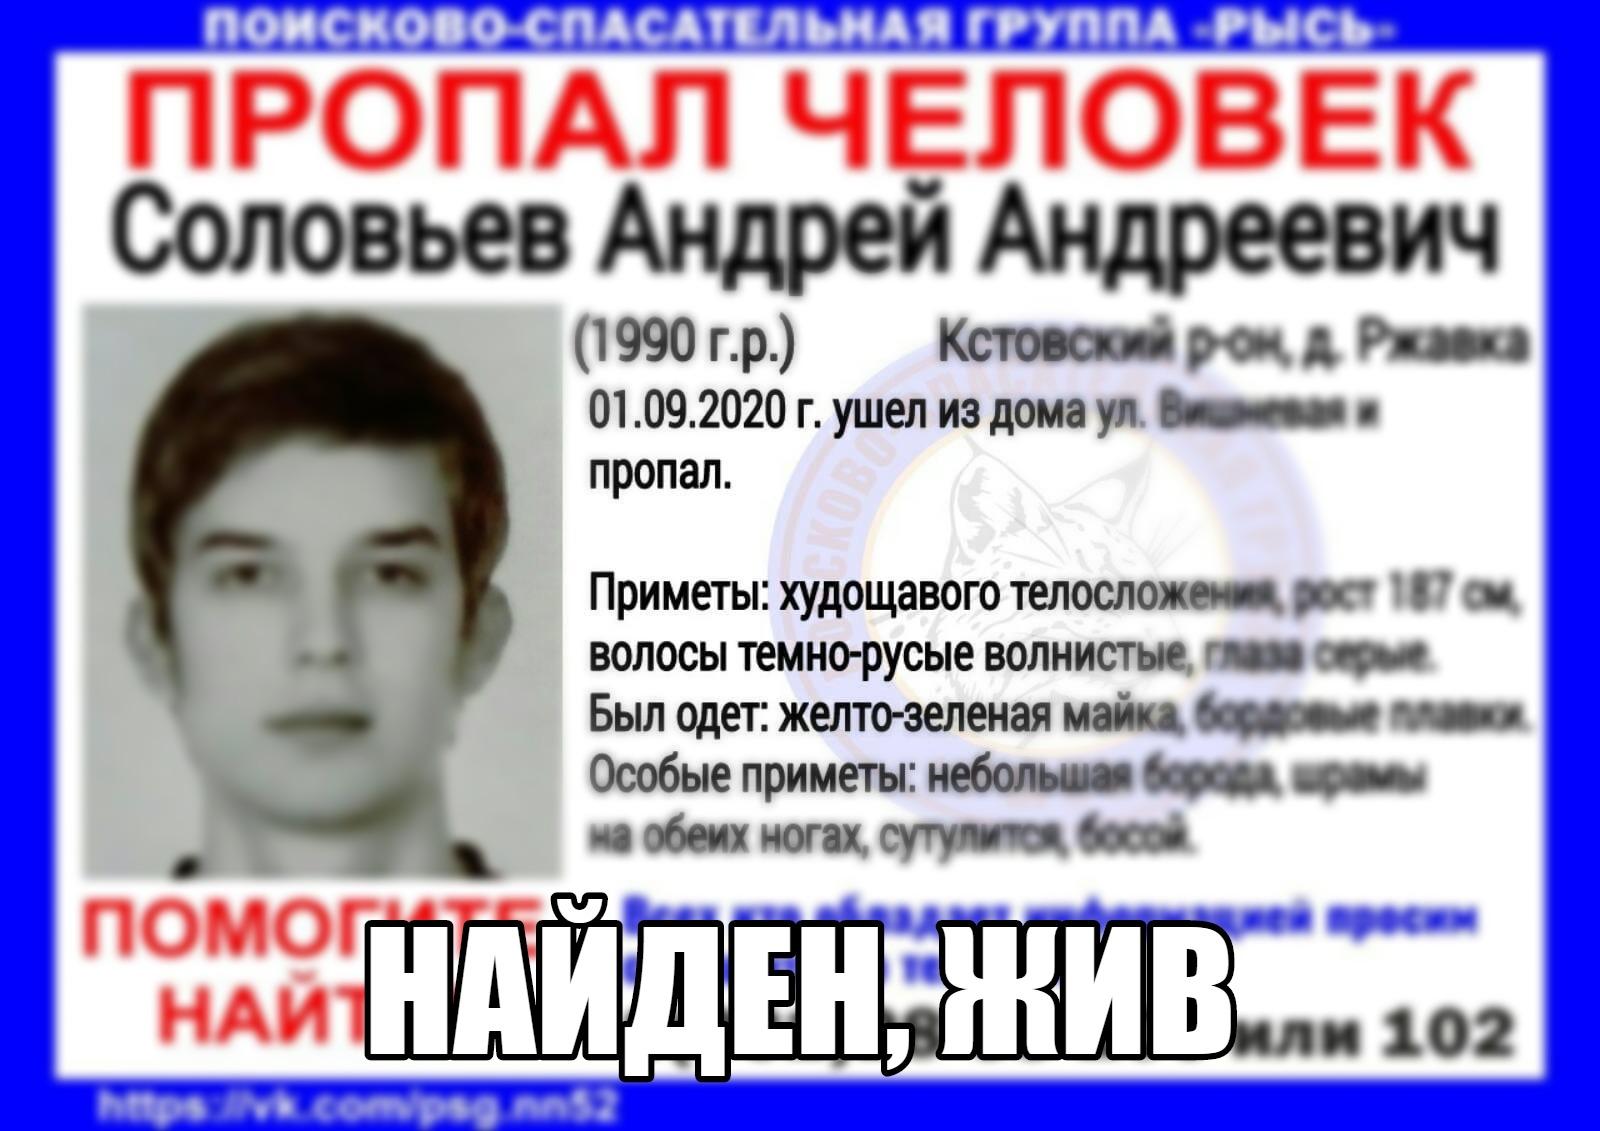 Соловьев Андрей Андреевич, 1990 г. р., Кстовский р-он, д. Ржавка